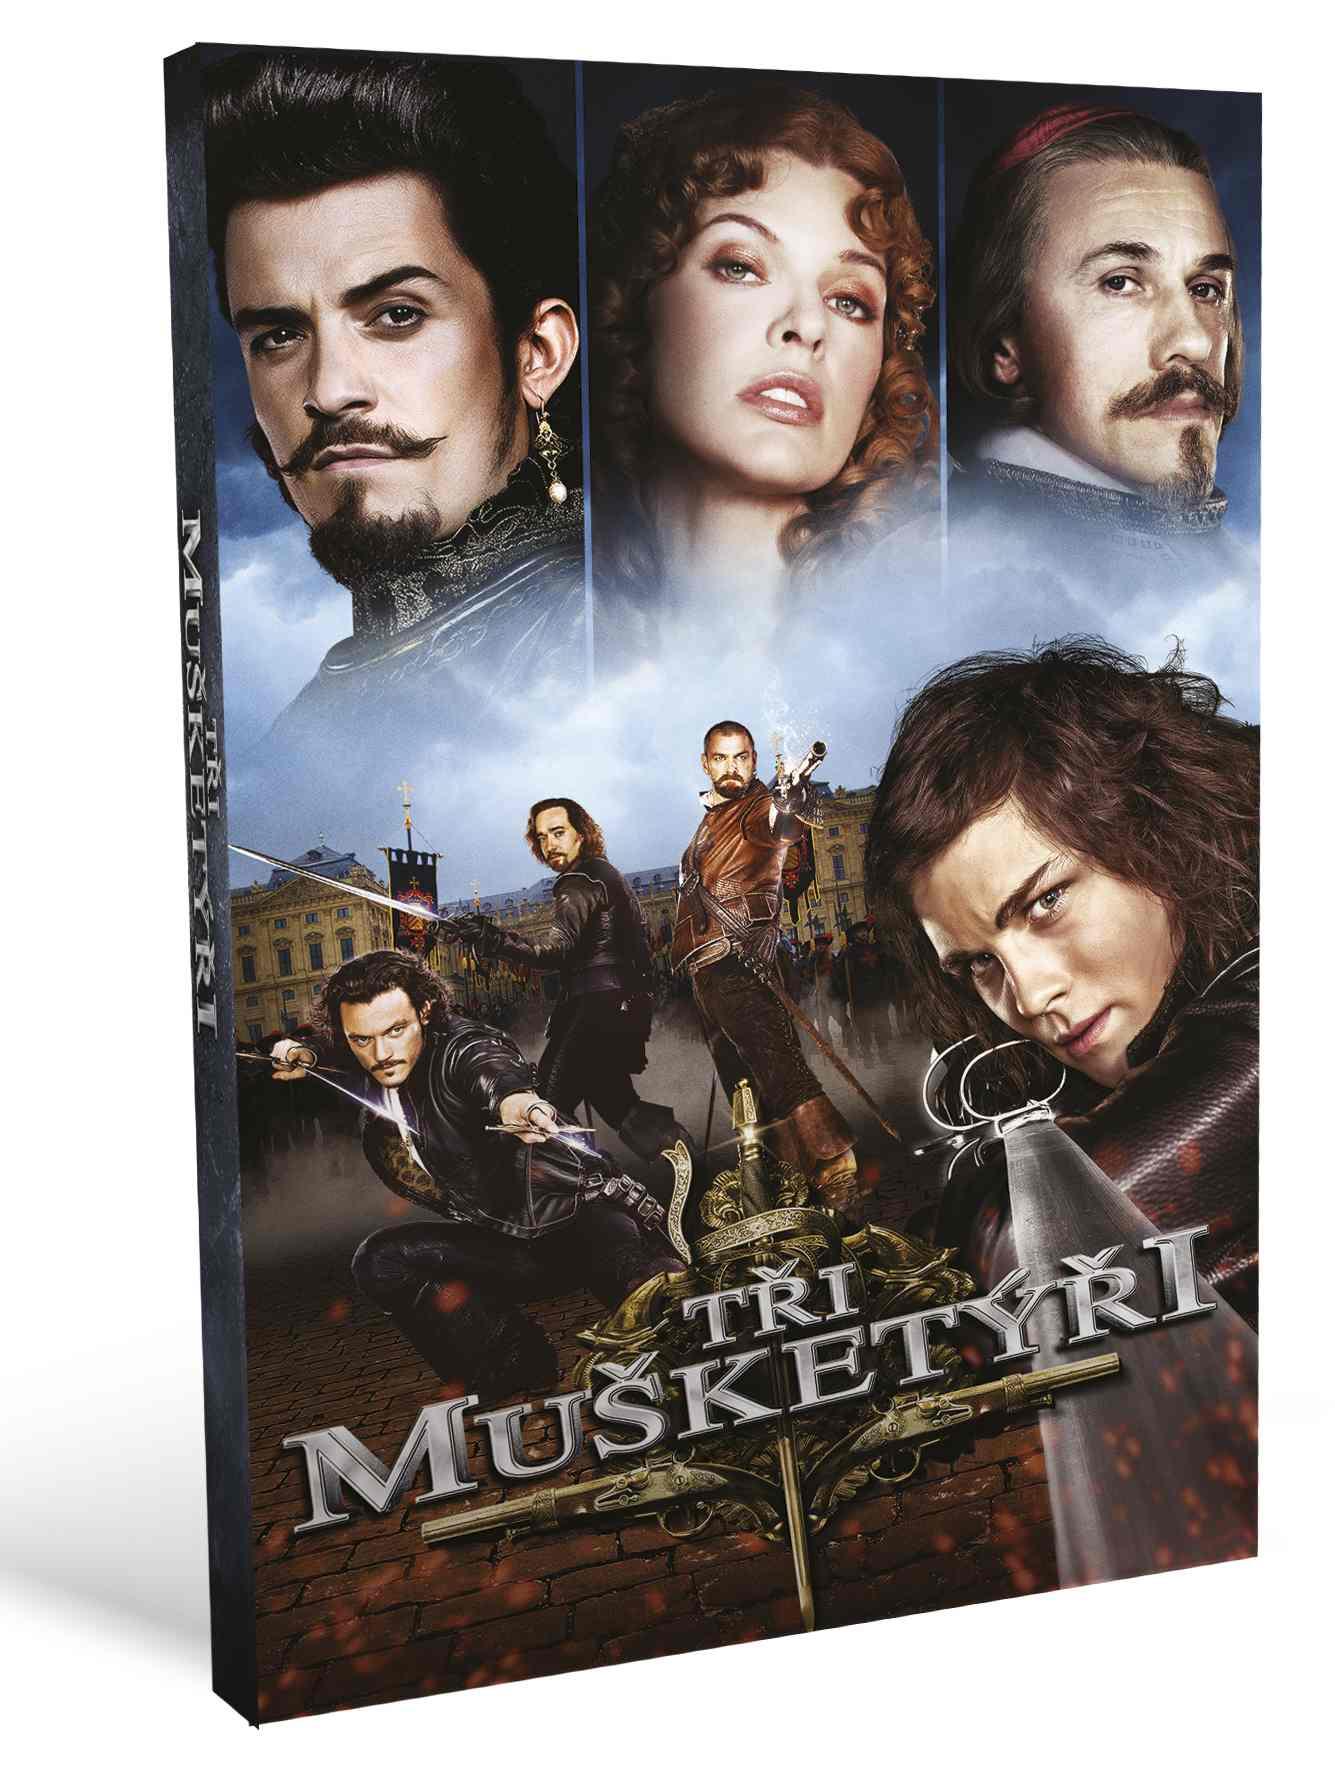 Tři mušketýři (2011) - DVD